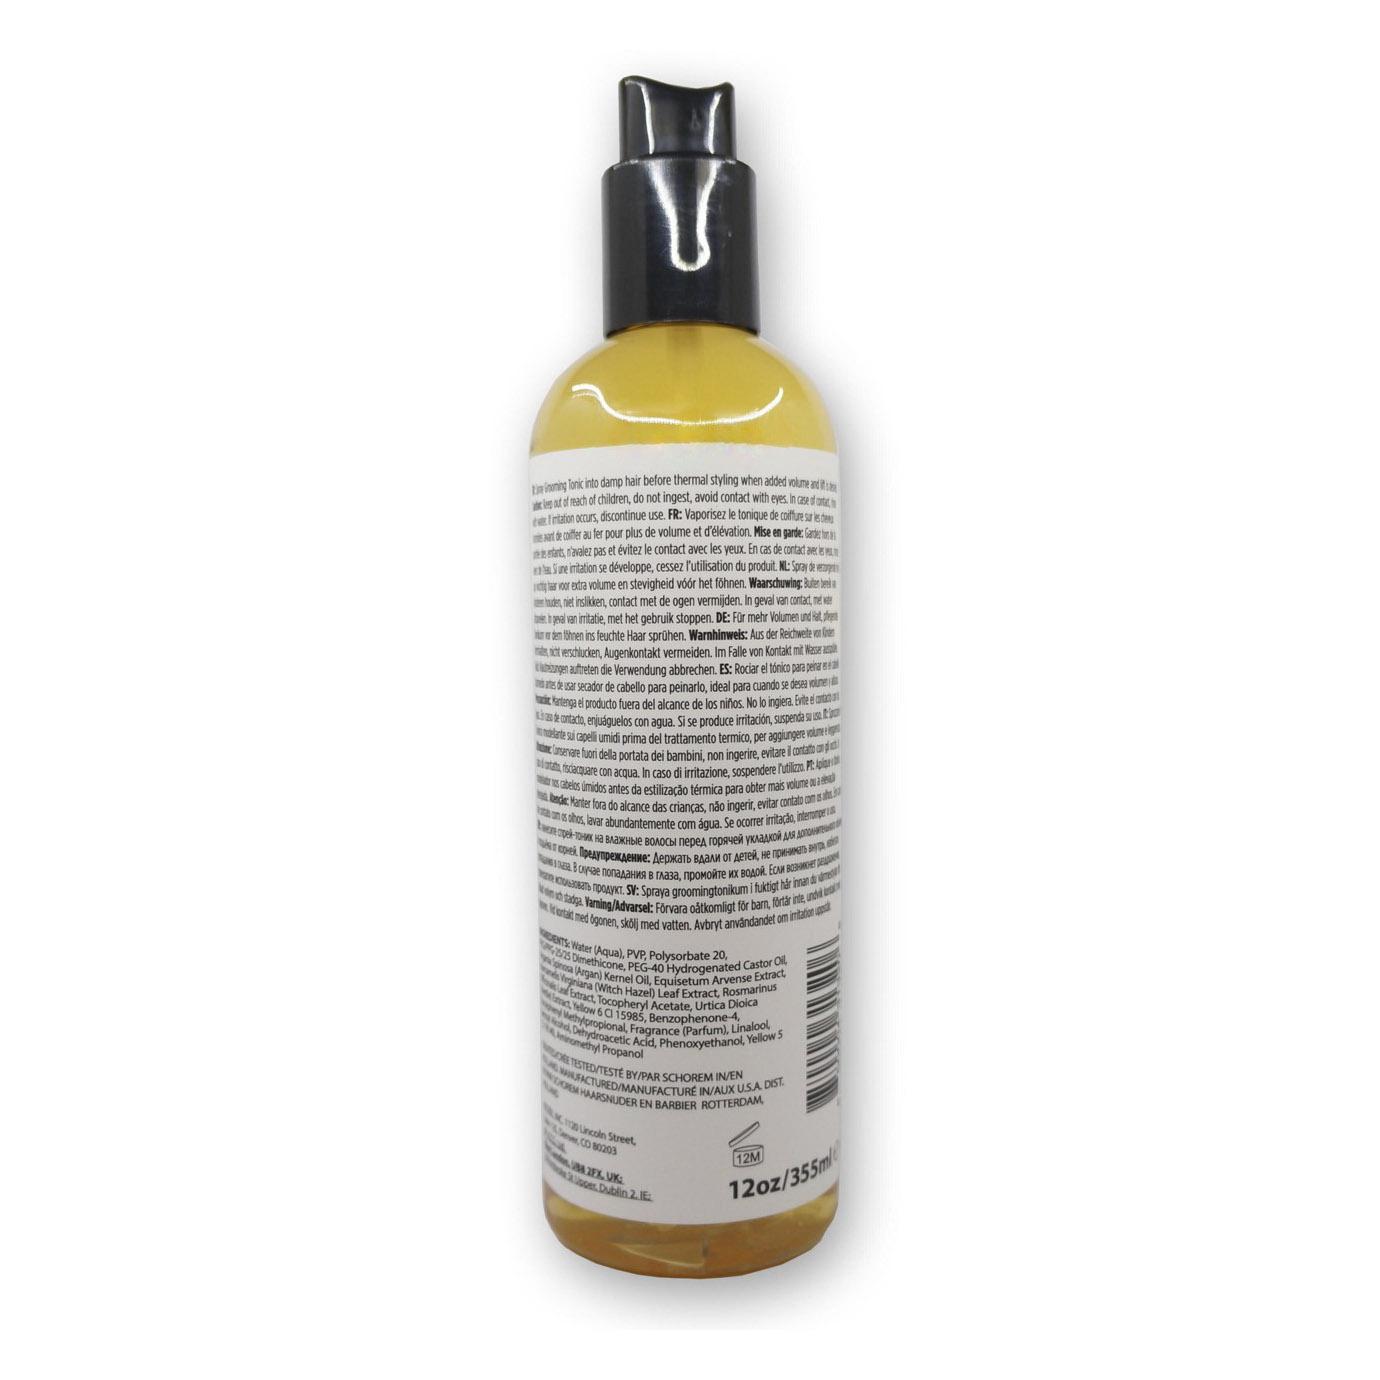 reuzel-spray-grooming-tonic-355ml-02